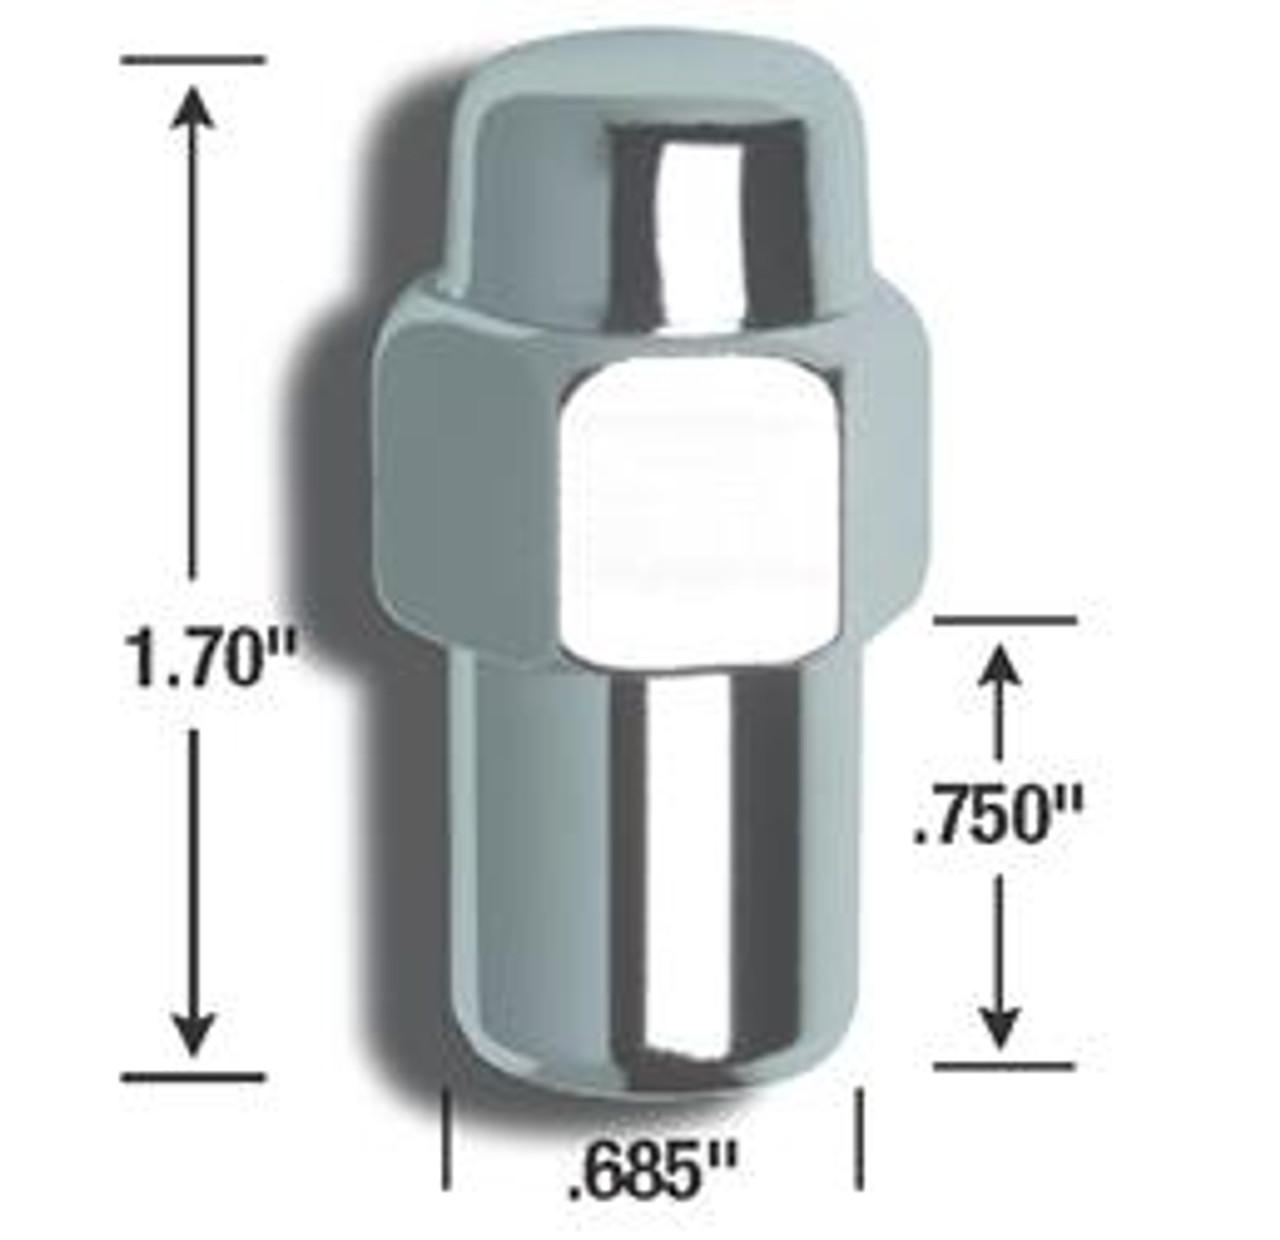 AME73187B, LUG NUTS 1/2IN STANDARD MAG CHROME 4PK